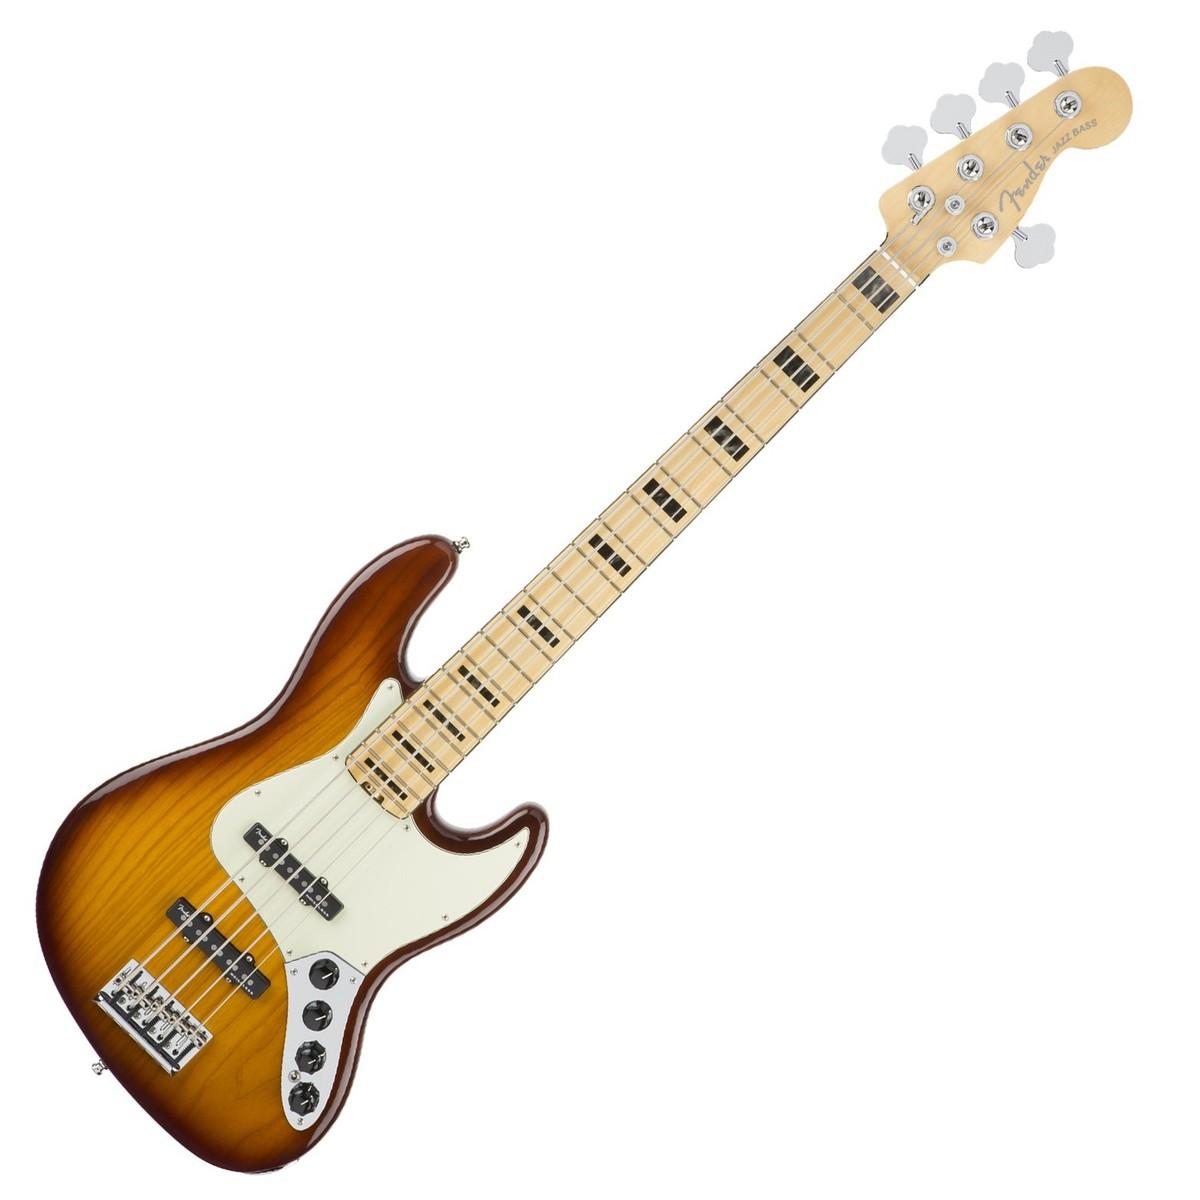 fender american elite ash jazz 5 string bass v mn tobacco sunburst at. Black Bedroom Furniture Sets. Home Design Ideas